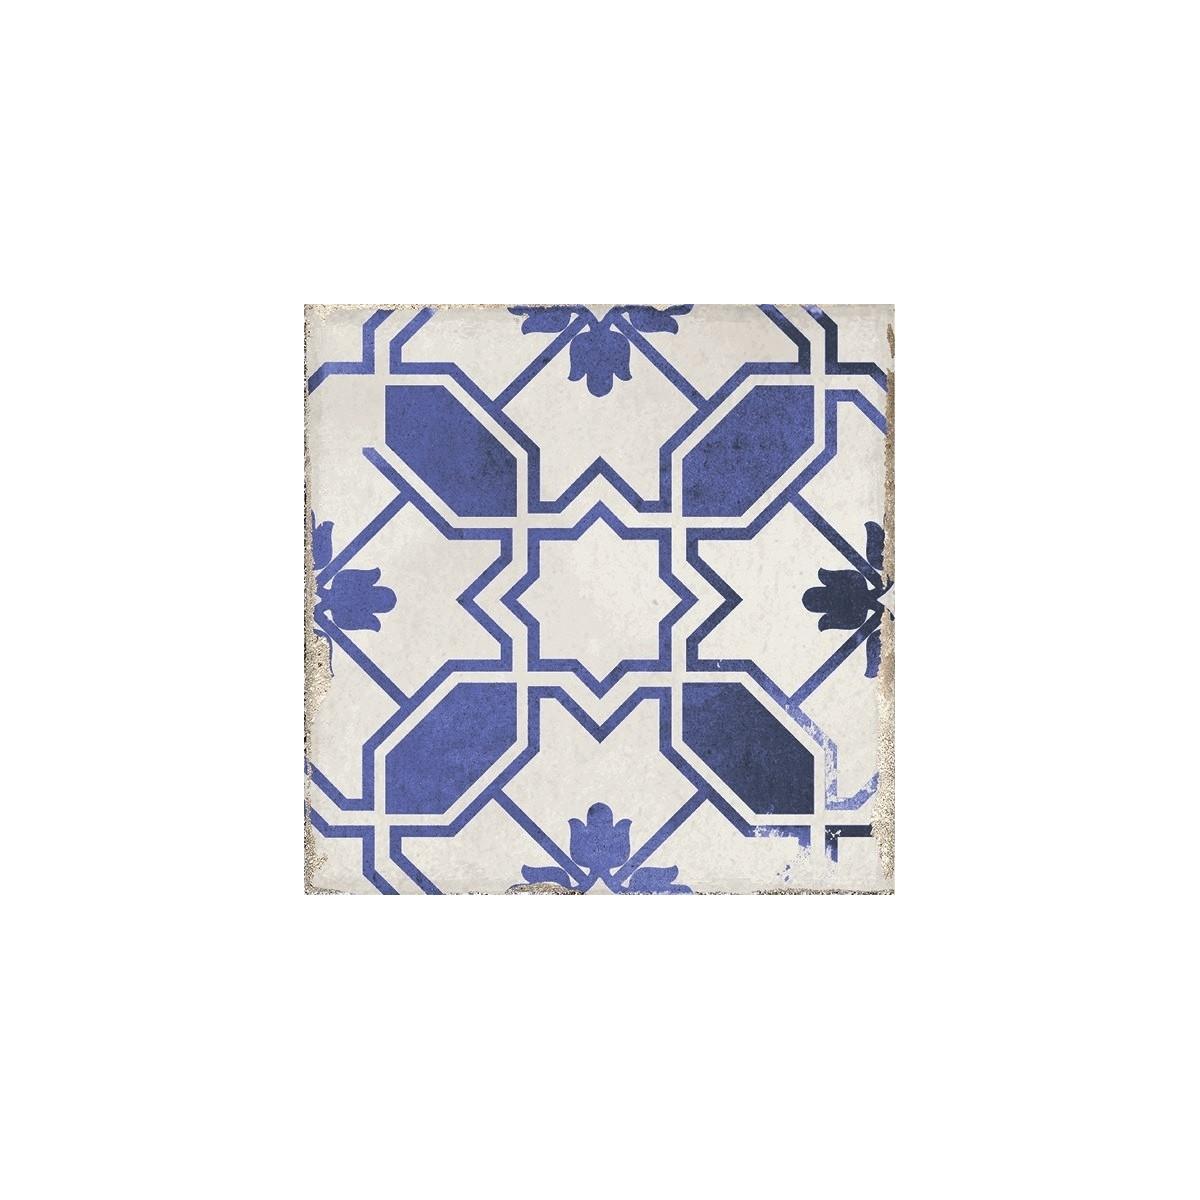 Modelo Caleta Blue Village 15x15. Baldosa porcelánica con motivo decorativo de formas geométricas en azul sobre fondo blanco y a